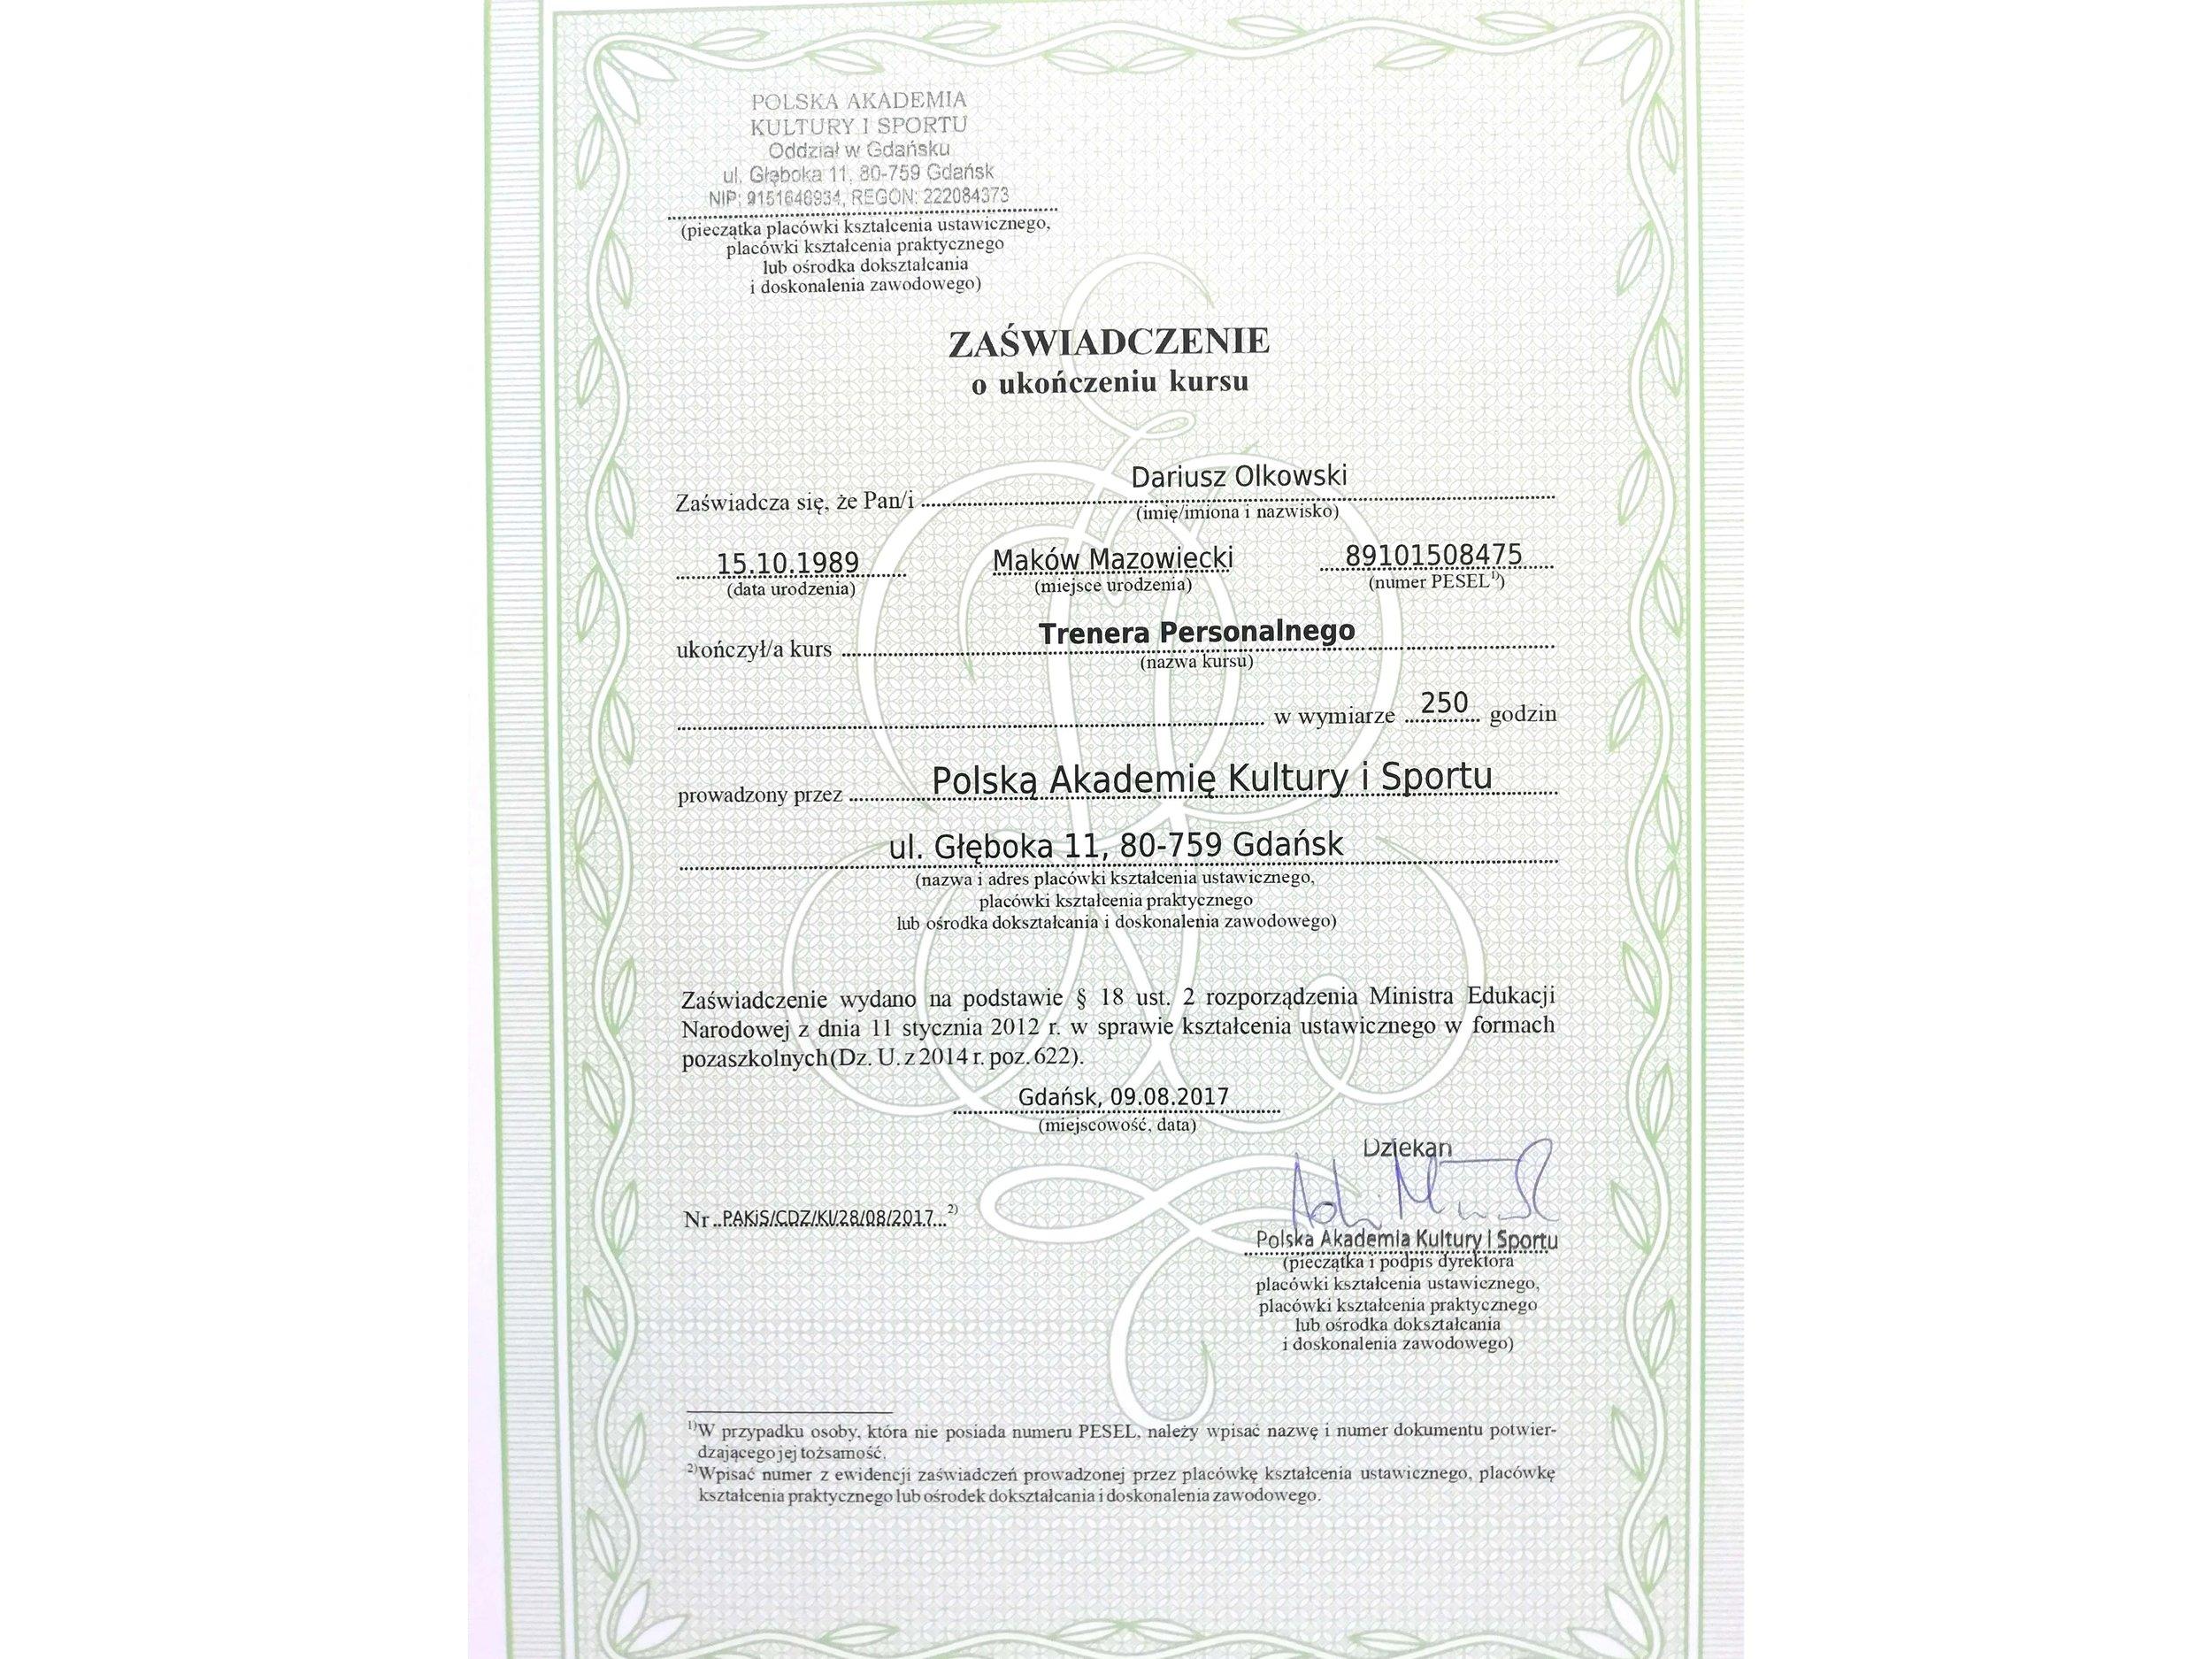 Dariusz Olkowski certyfikat 2.jpg